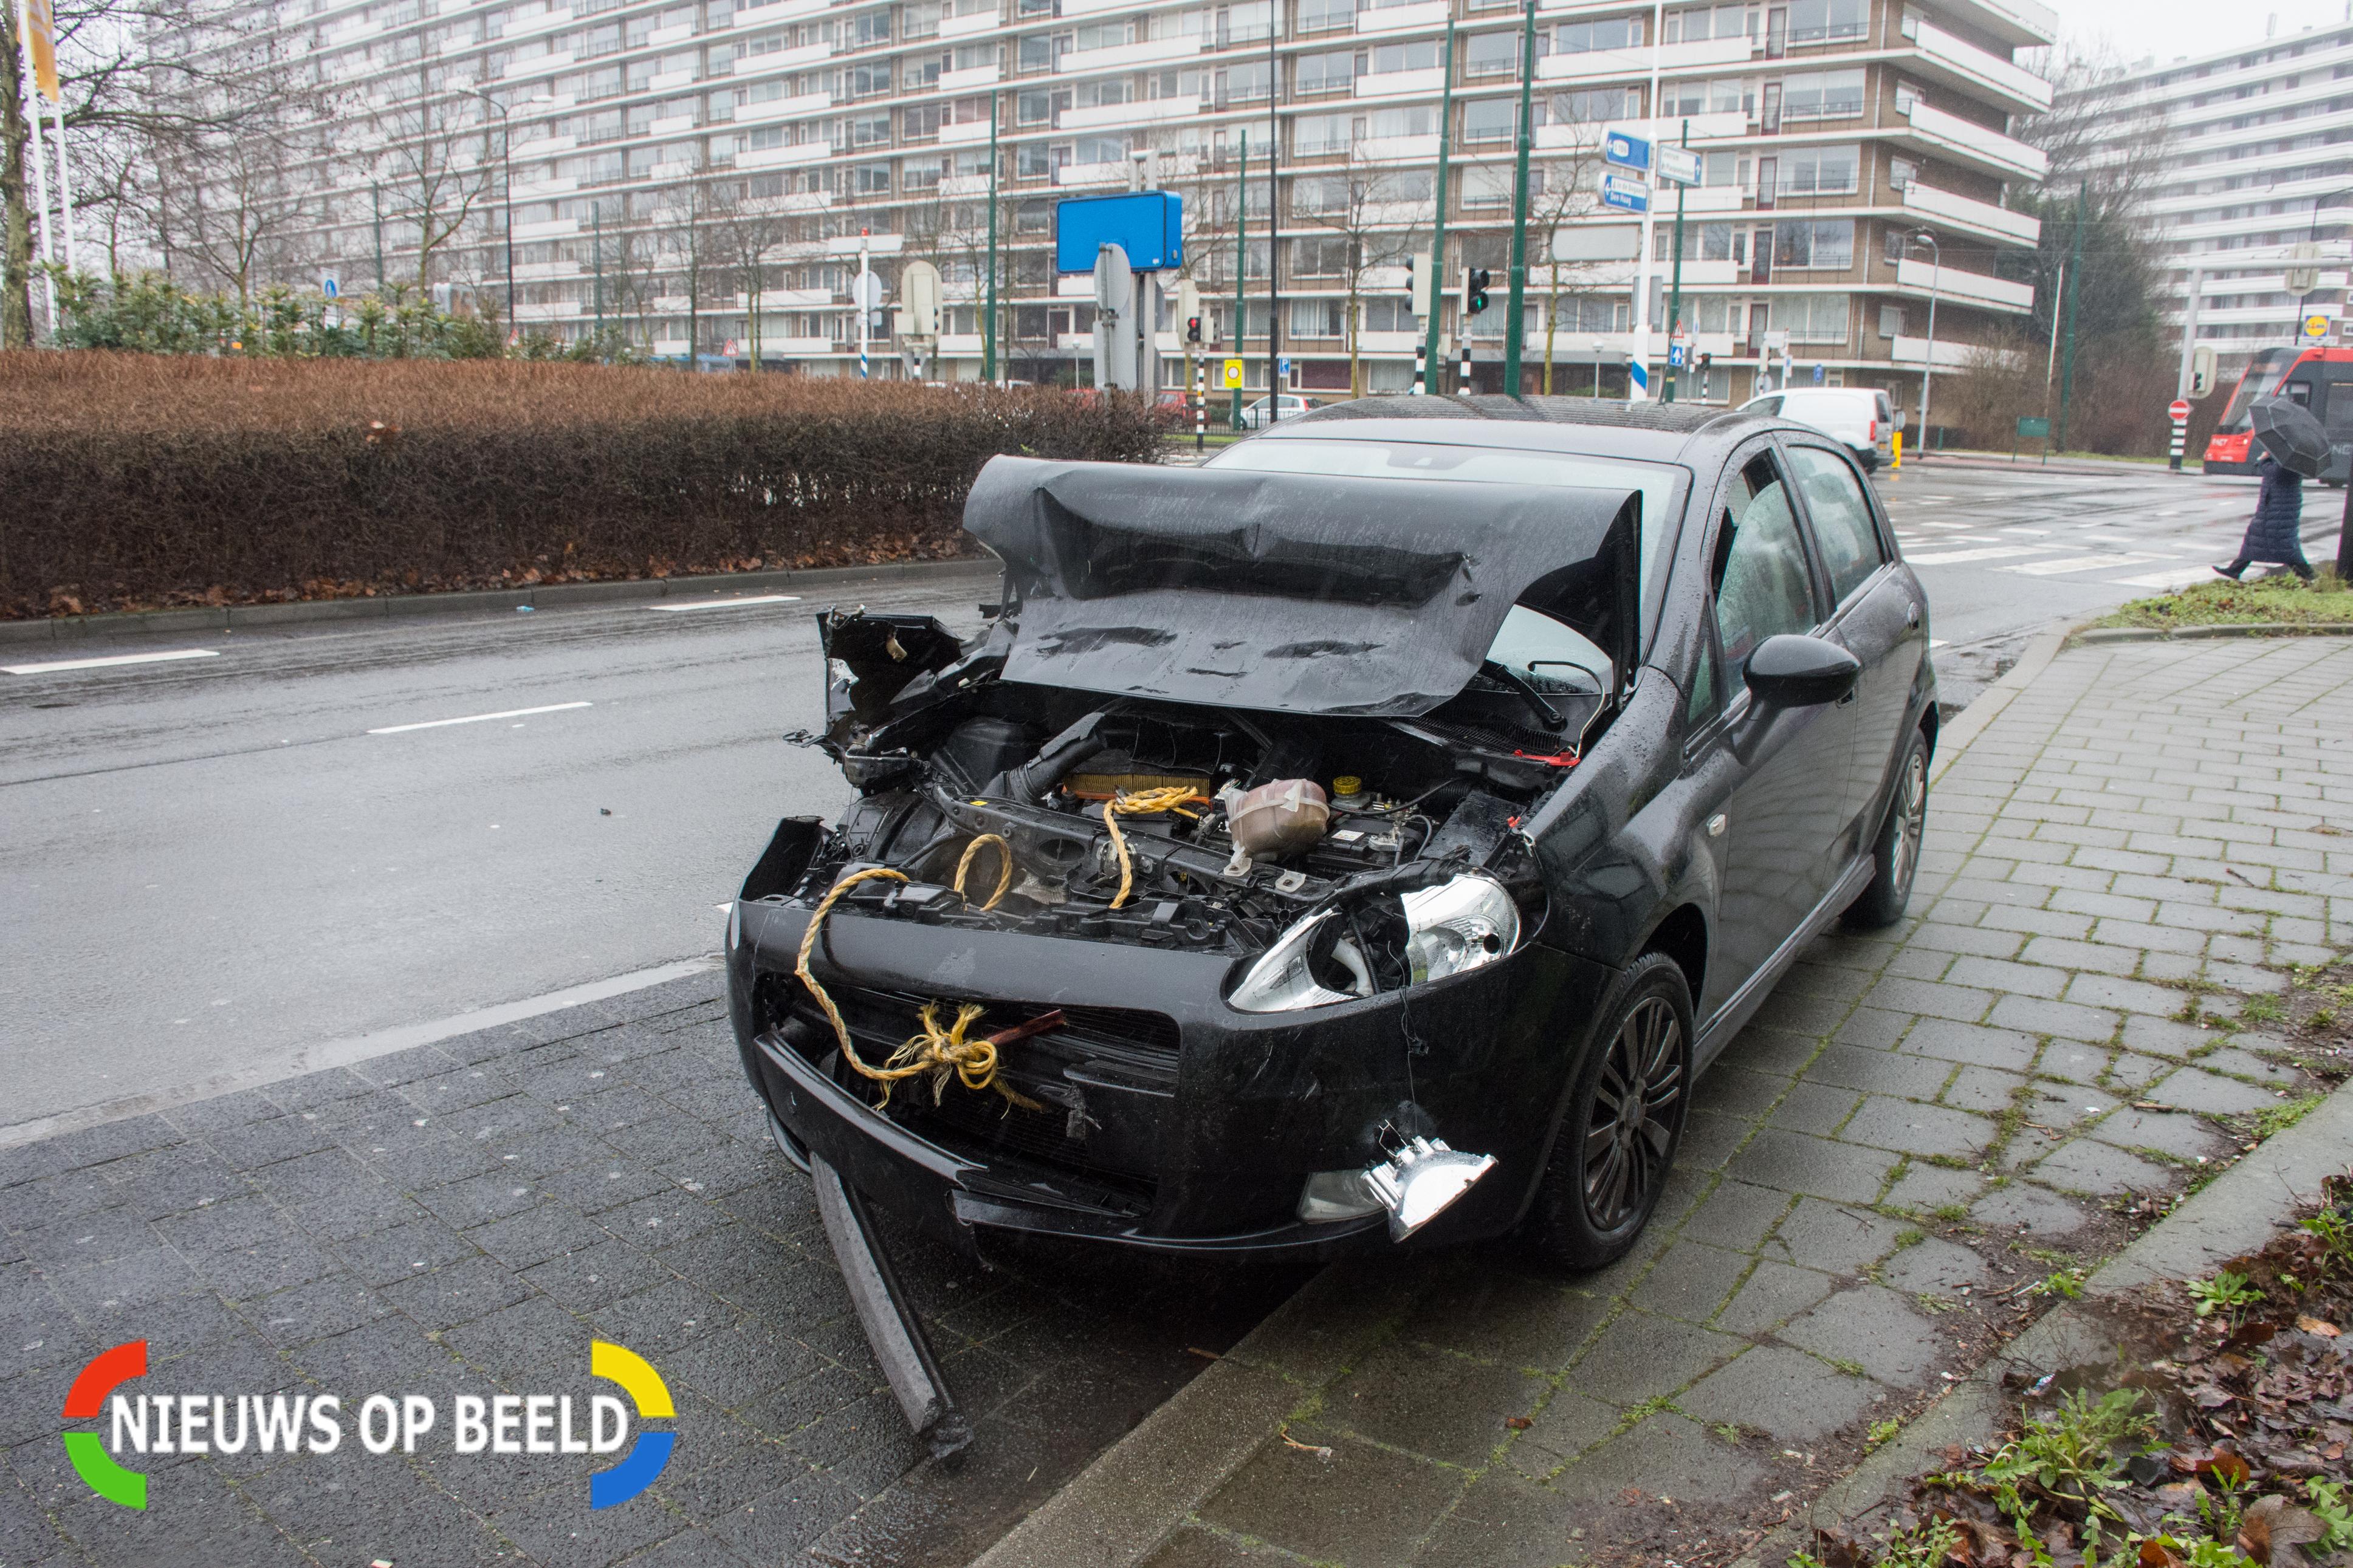 De voorkant van de auto zit volledig in de prak